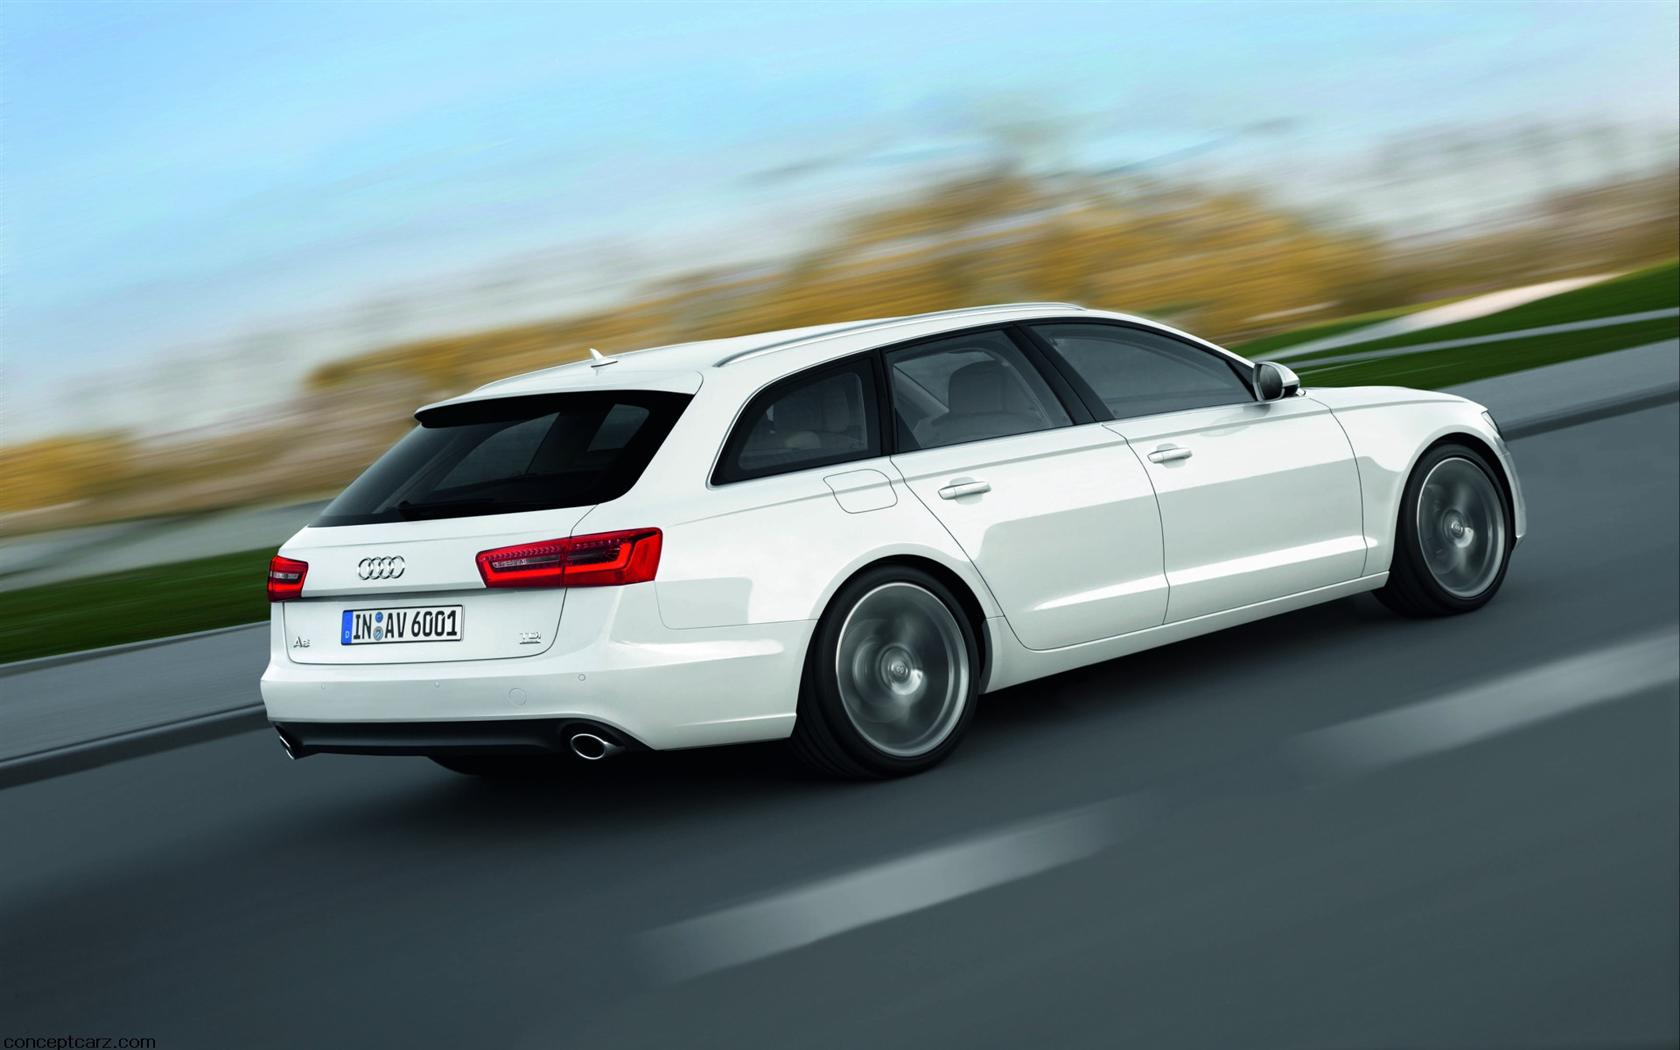 2012 Audi A6 Avant